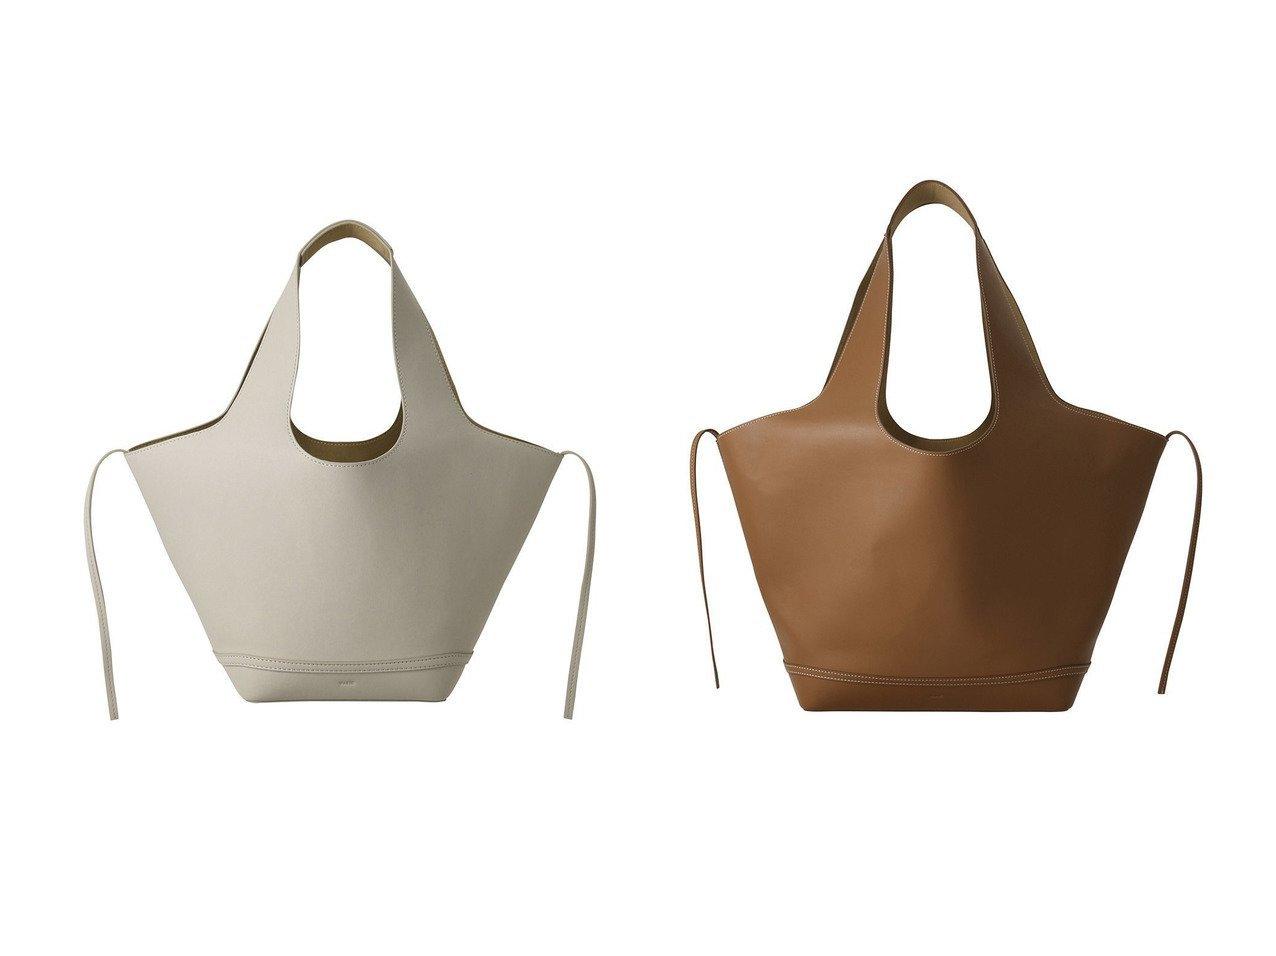 【VASIC/ヴァジック】のMask Mini トートバッグ&Mask トートバッグ バッグ・鞄のおすすめ!人気トレンド・レディースファッションの通販 おすすめで人気のファッション通販商品 インテリア・家具・キッズファッション・メンズファッション・レディースファッション・服の通販 founy(ファニー) https://founy.com/ ファッション Fashion レディース WOMEN バッグ Bag シンプル ハンドバッグ フォルム  ID:crp329100000006087